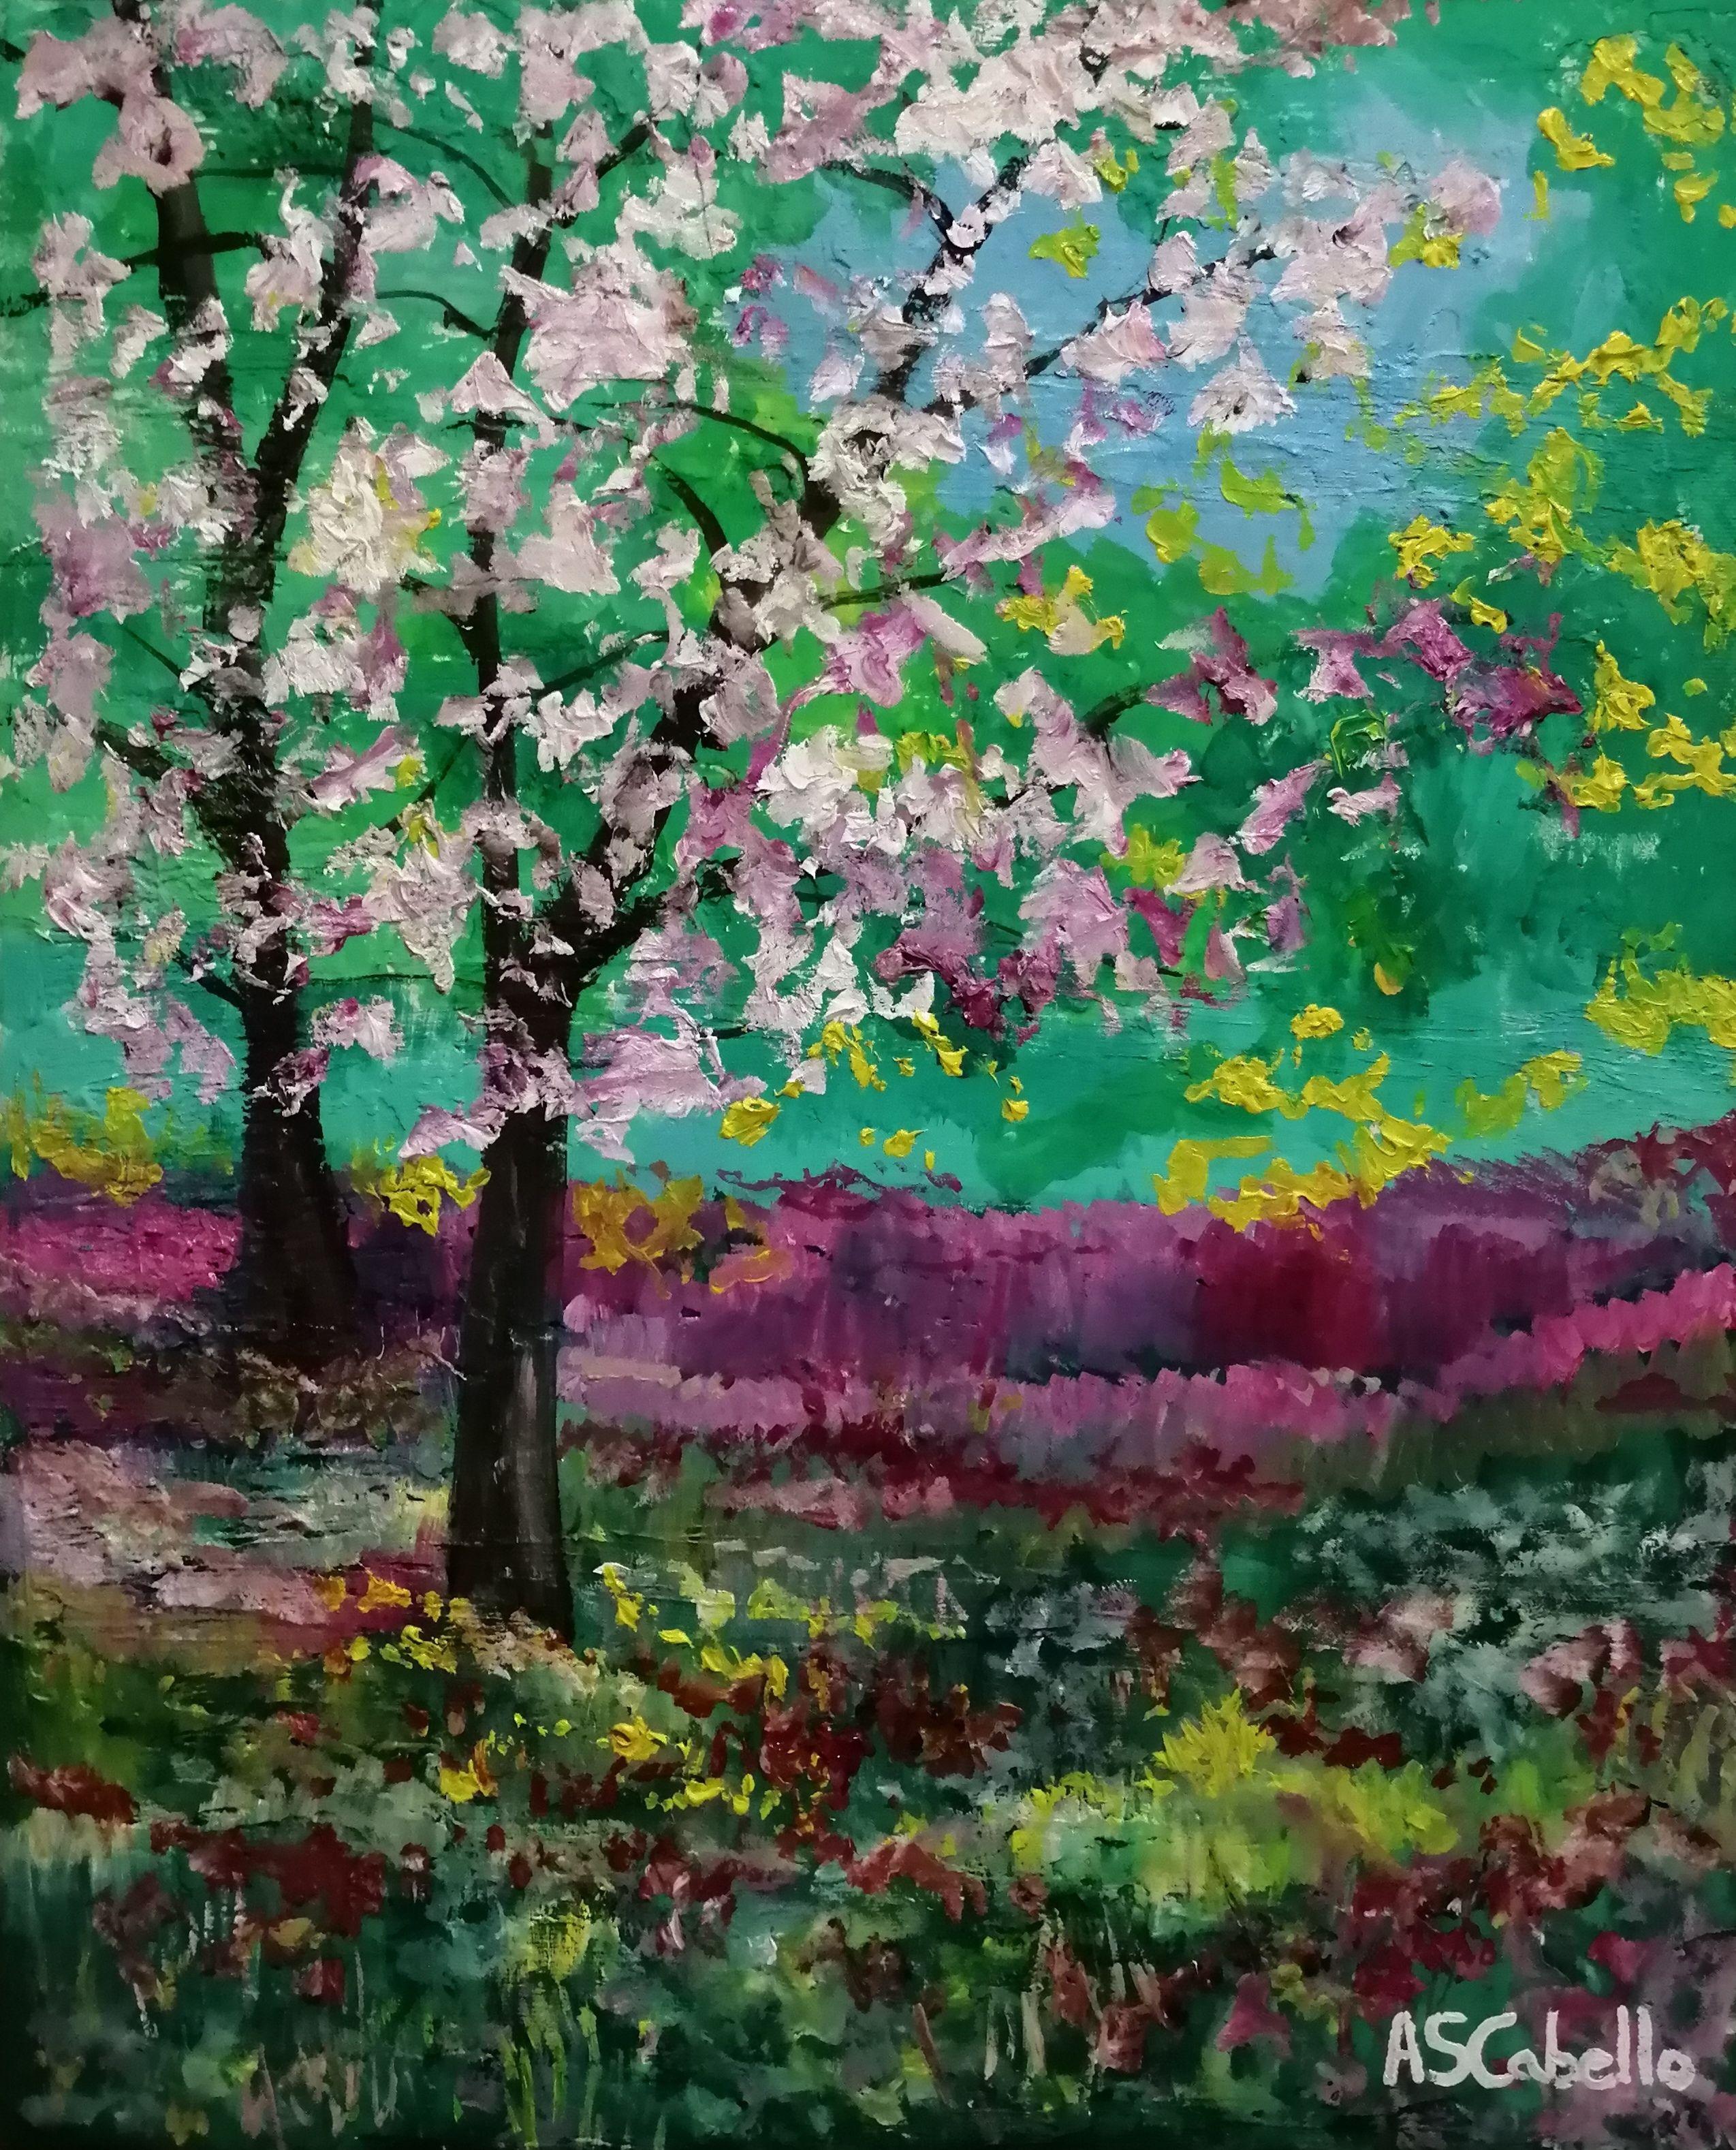 Color En Primavera Cuadro Original Oleo Sobre Lienzo Comprar Cuadros Arte Impresionista Oleo Sobre Lienzo Produccion Artistica